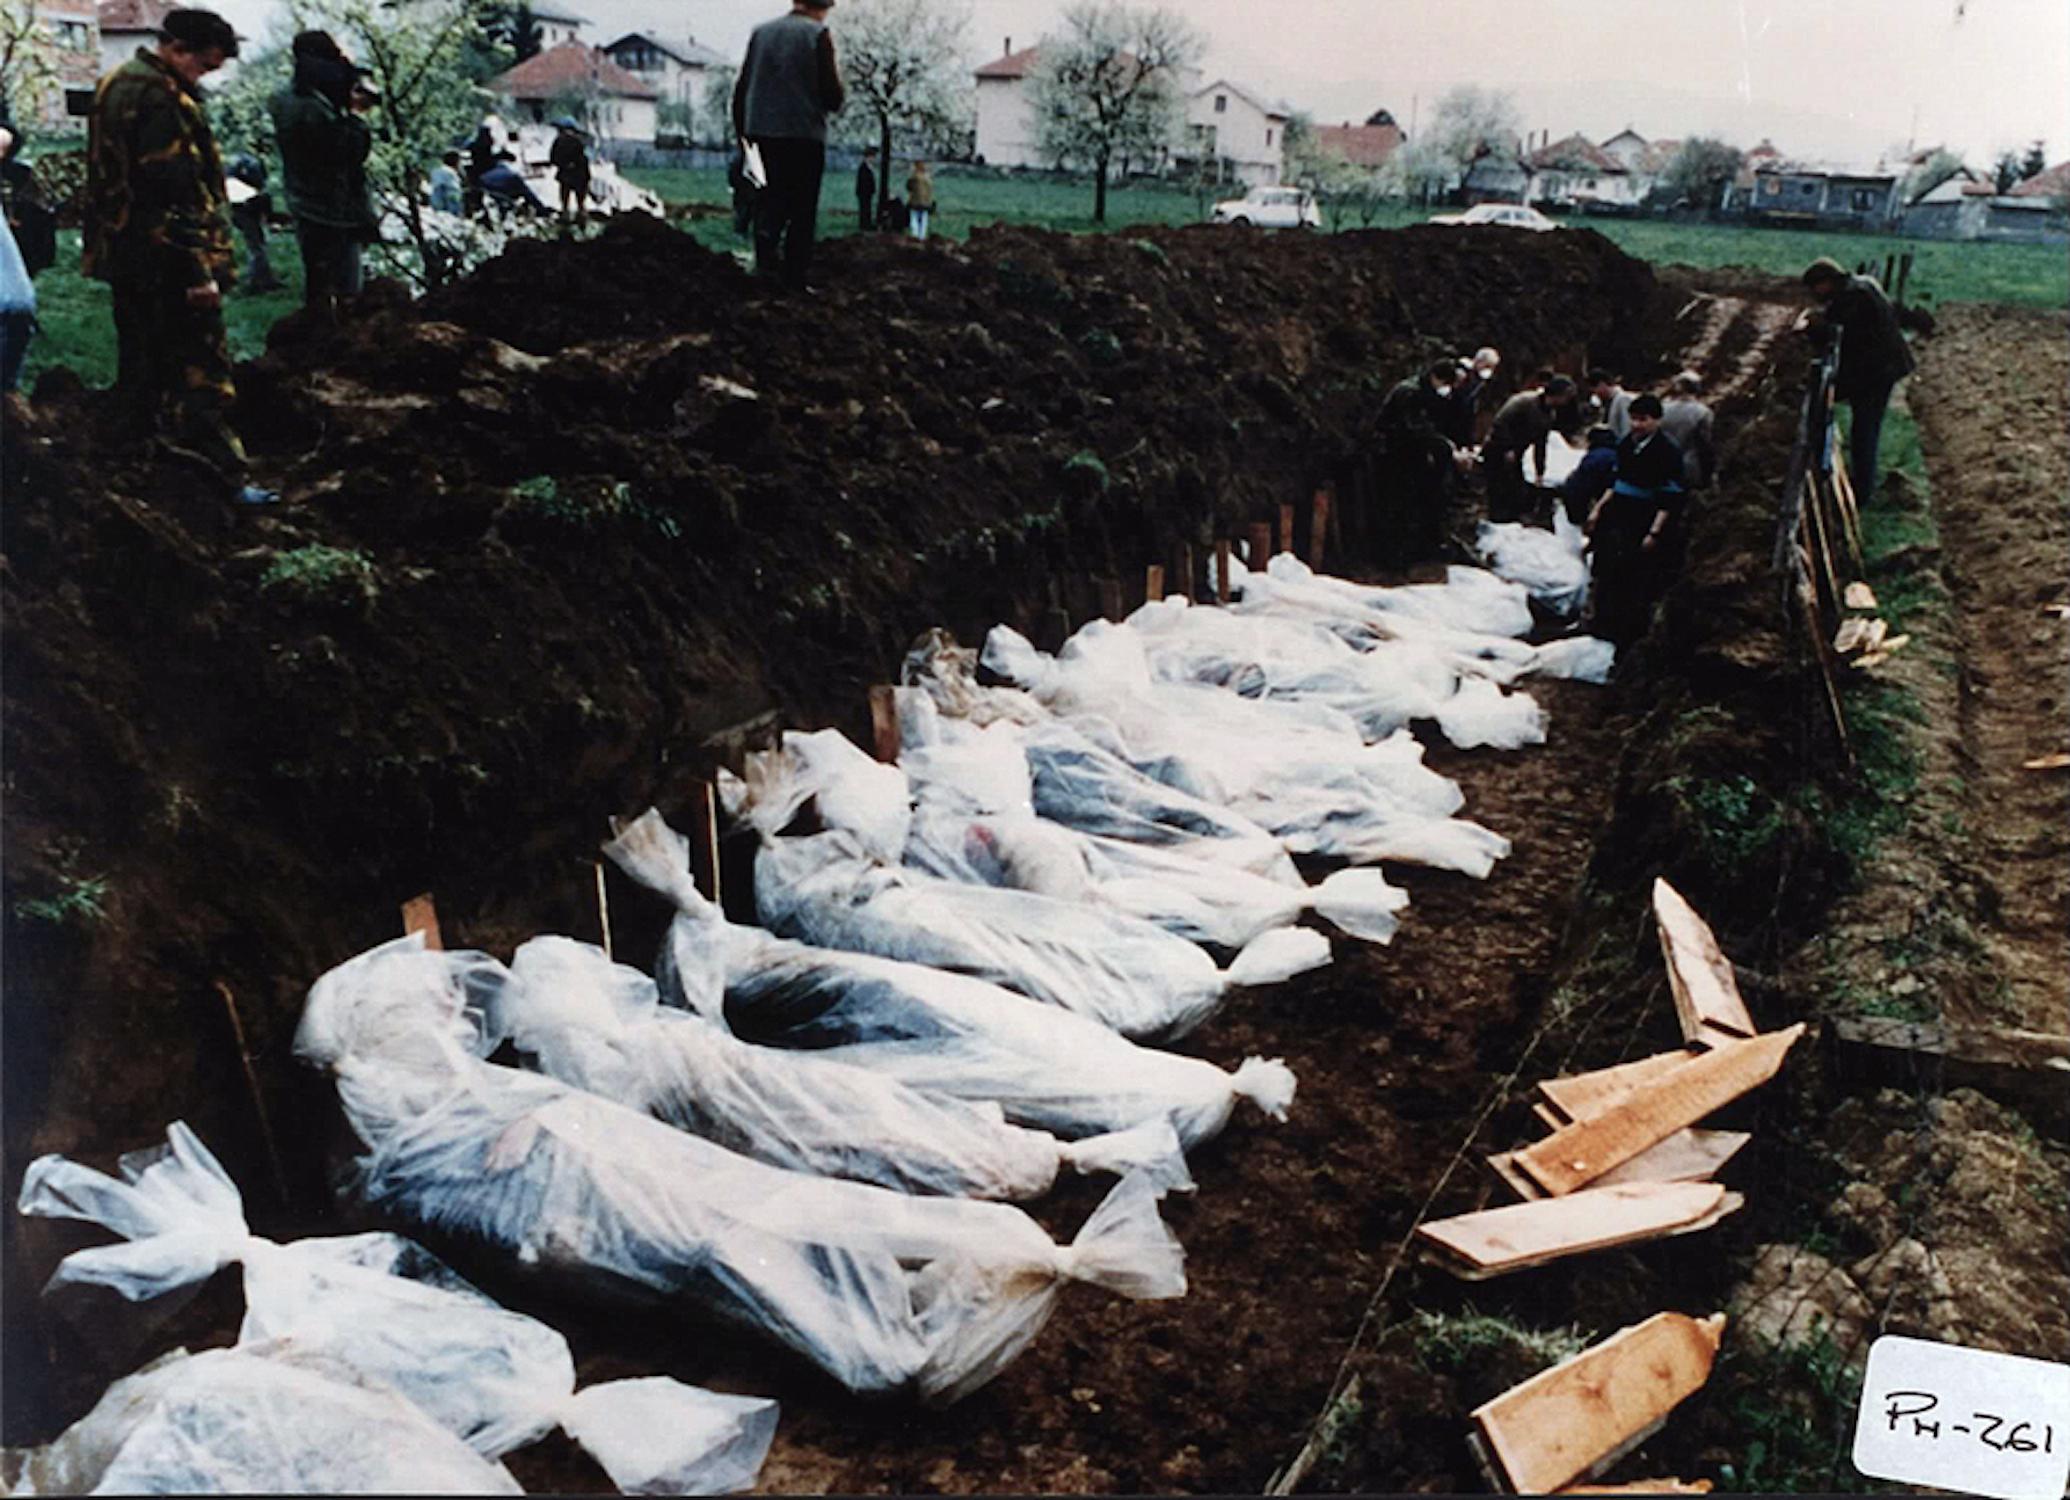 Bosnia Vitez massacre